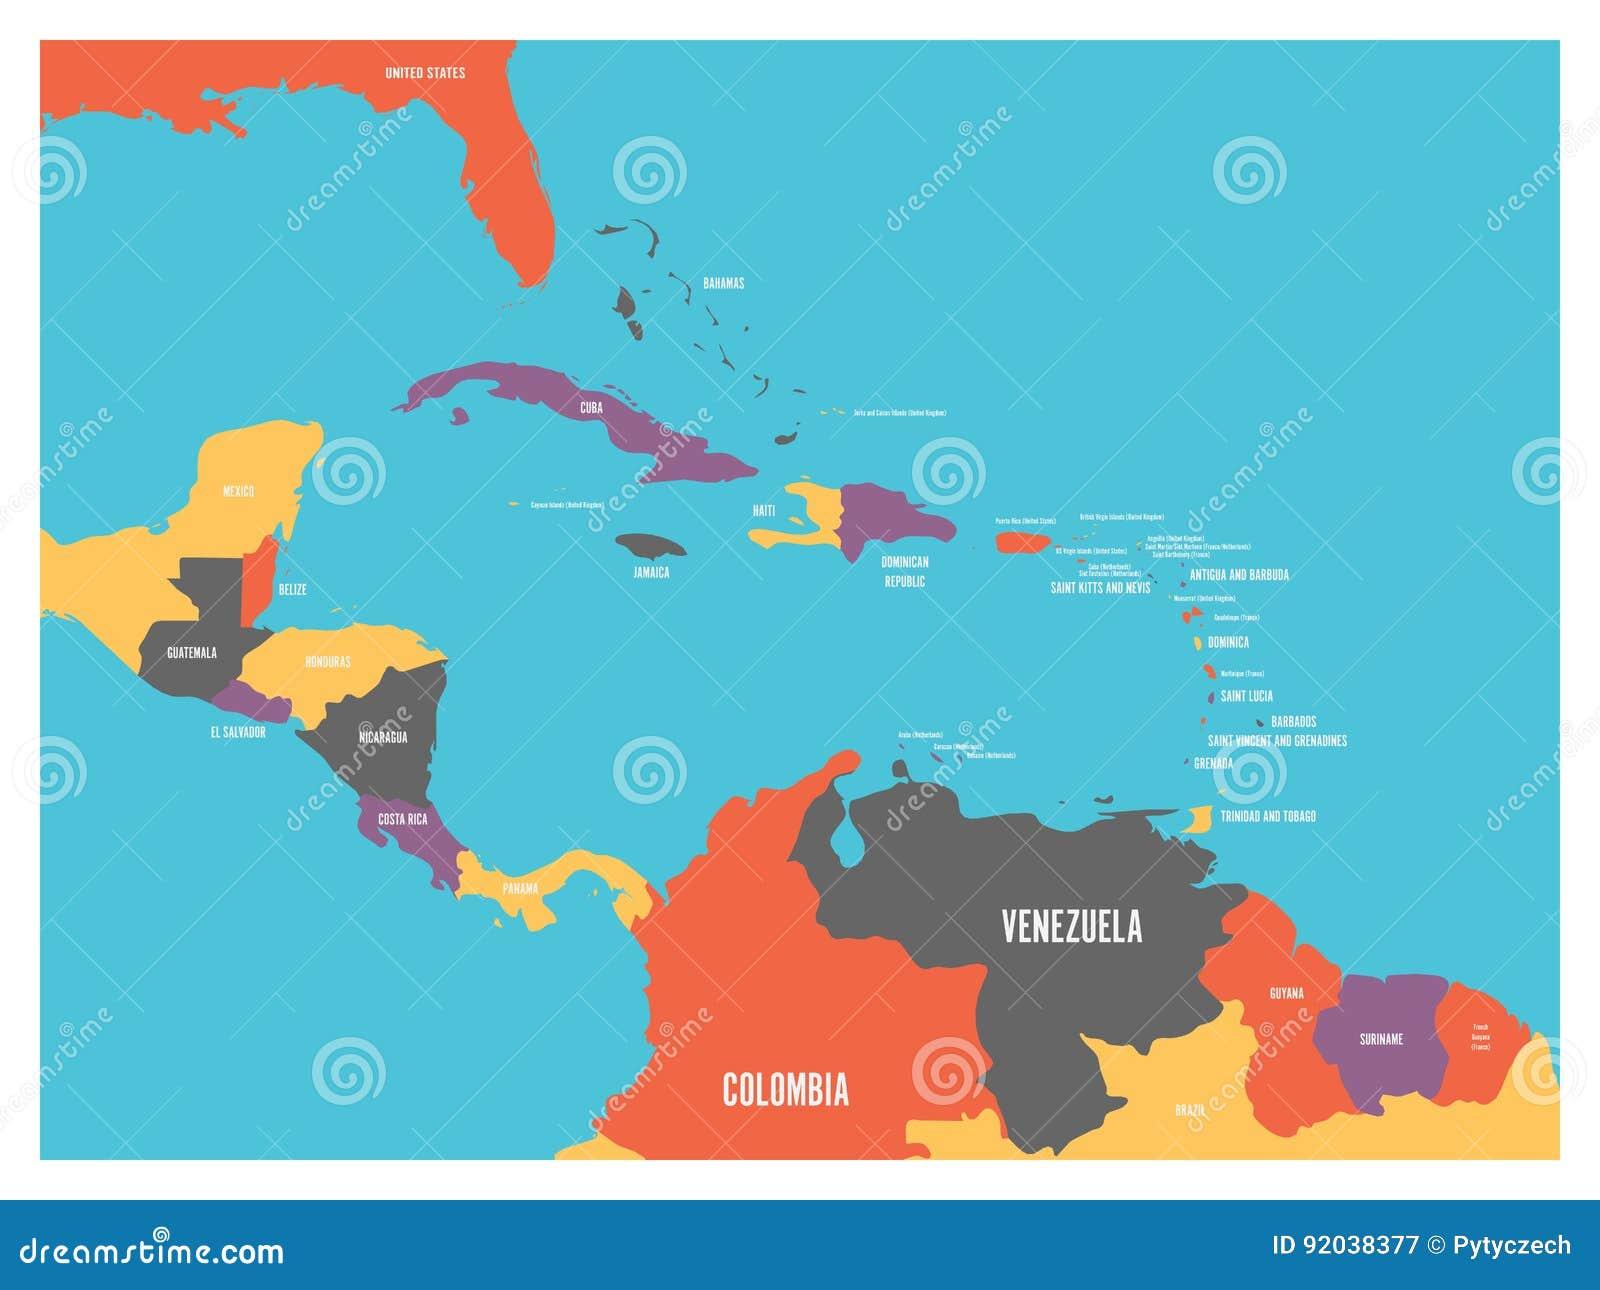 Κεντρική Αμερική και καραϊβικός κρατικός πολιτικός χάρτης με τις ετικέτες ονομάτων χωρών Απλή επίπεδη διανυσματική απεικόνιση